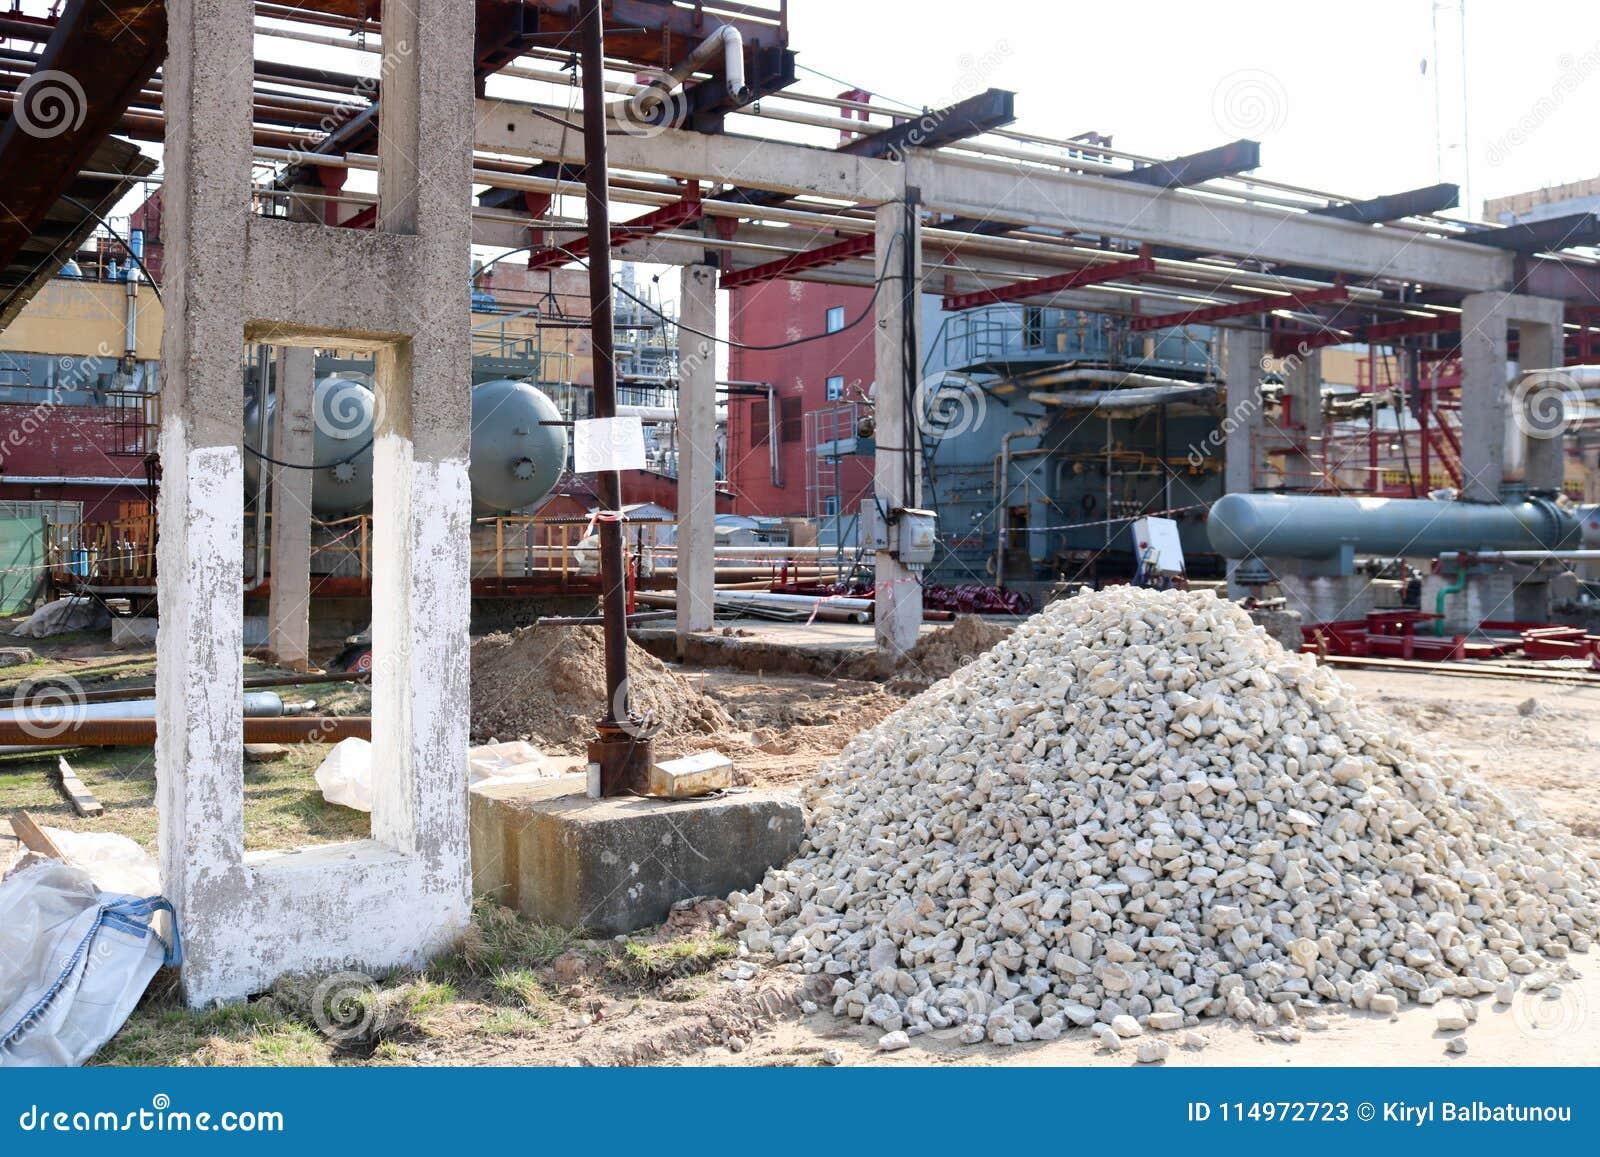 Ένας μεγάλος σωρός των ερειπίων, πέτρες στο εργοτάξιο οικοδομής για την κατασκευή ενός διυλιστηρίου πετρελαίου σε ένα διυλιστήριο